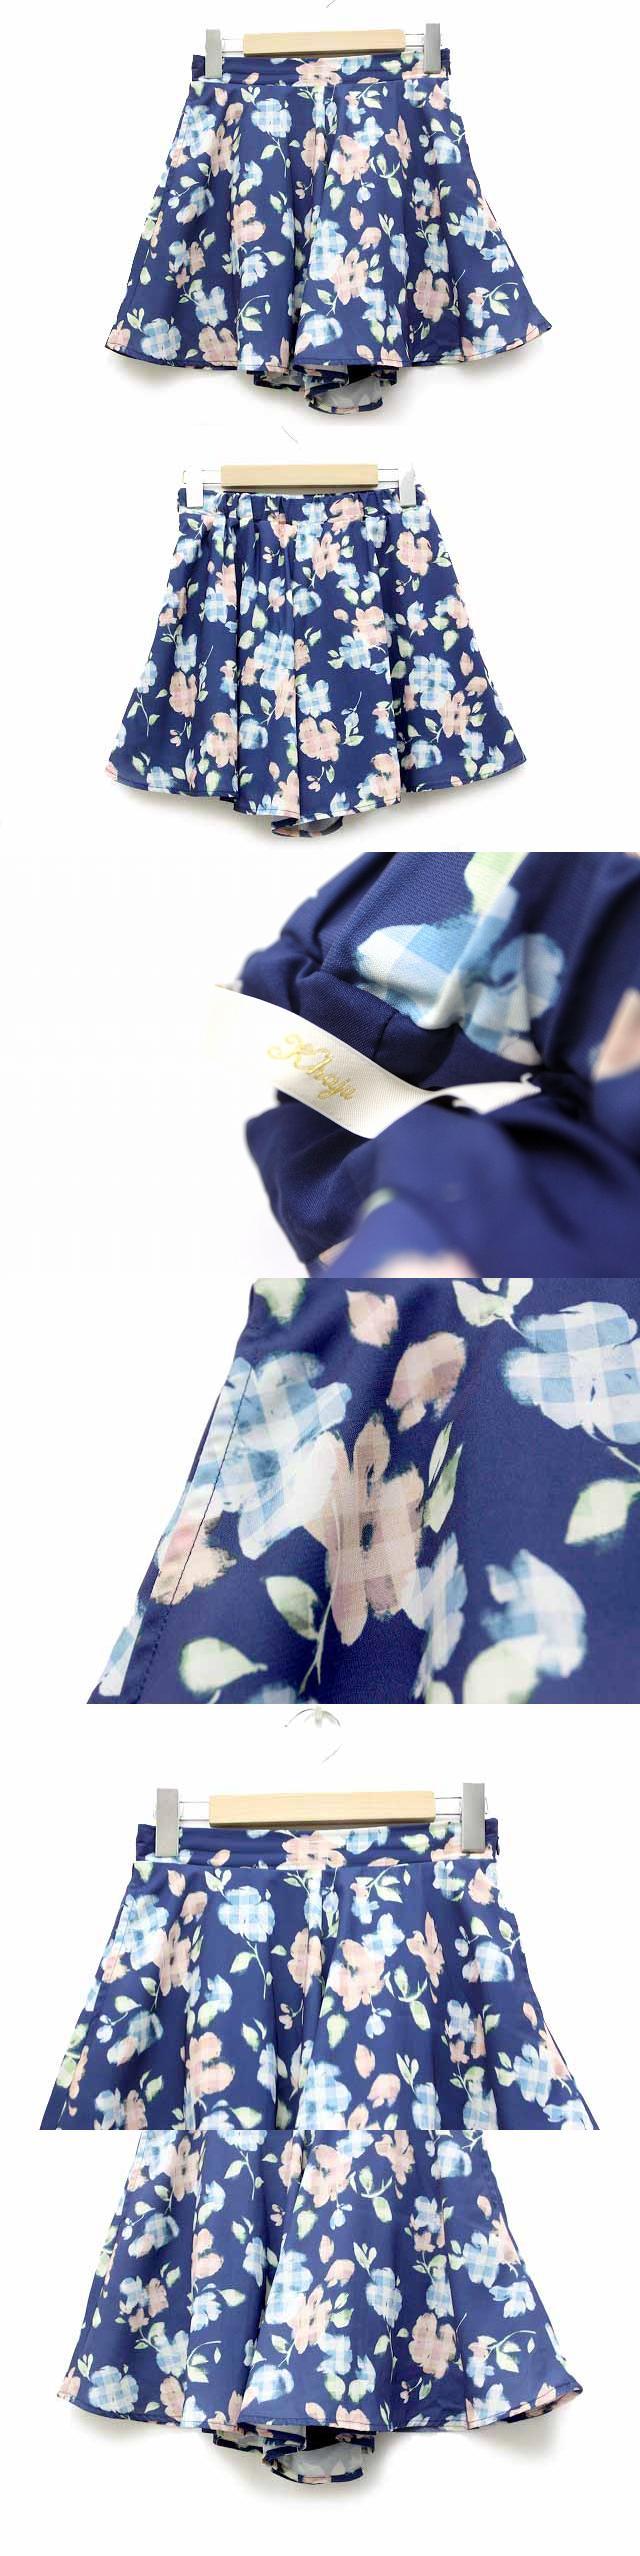 シップス キュロット スカート ショートパンツ ミニ ボトムス 花柄 ブルー 青 /BB